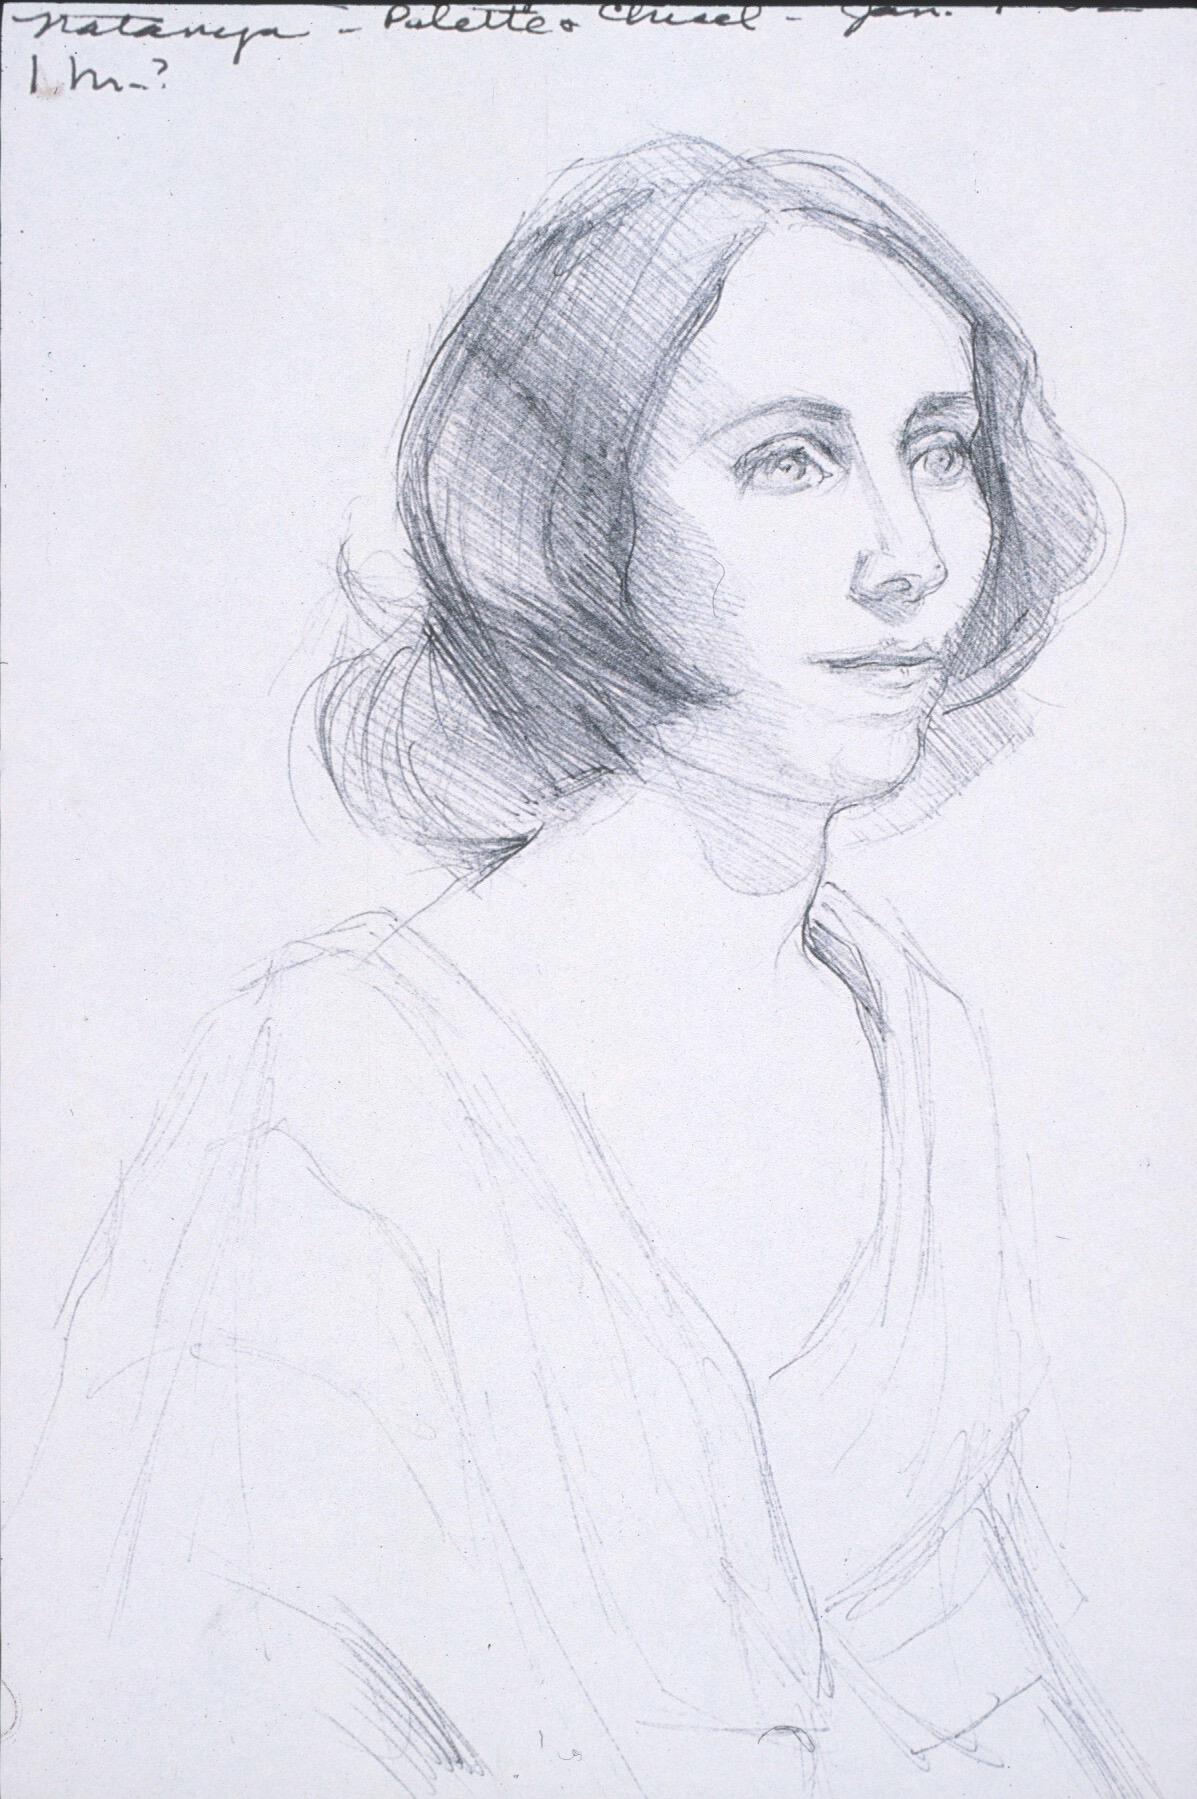 """Lou Ann Burkhardt  Natanya,     2002   Pen and ink on paper  11"""" x 14"""" framed"""